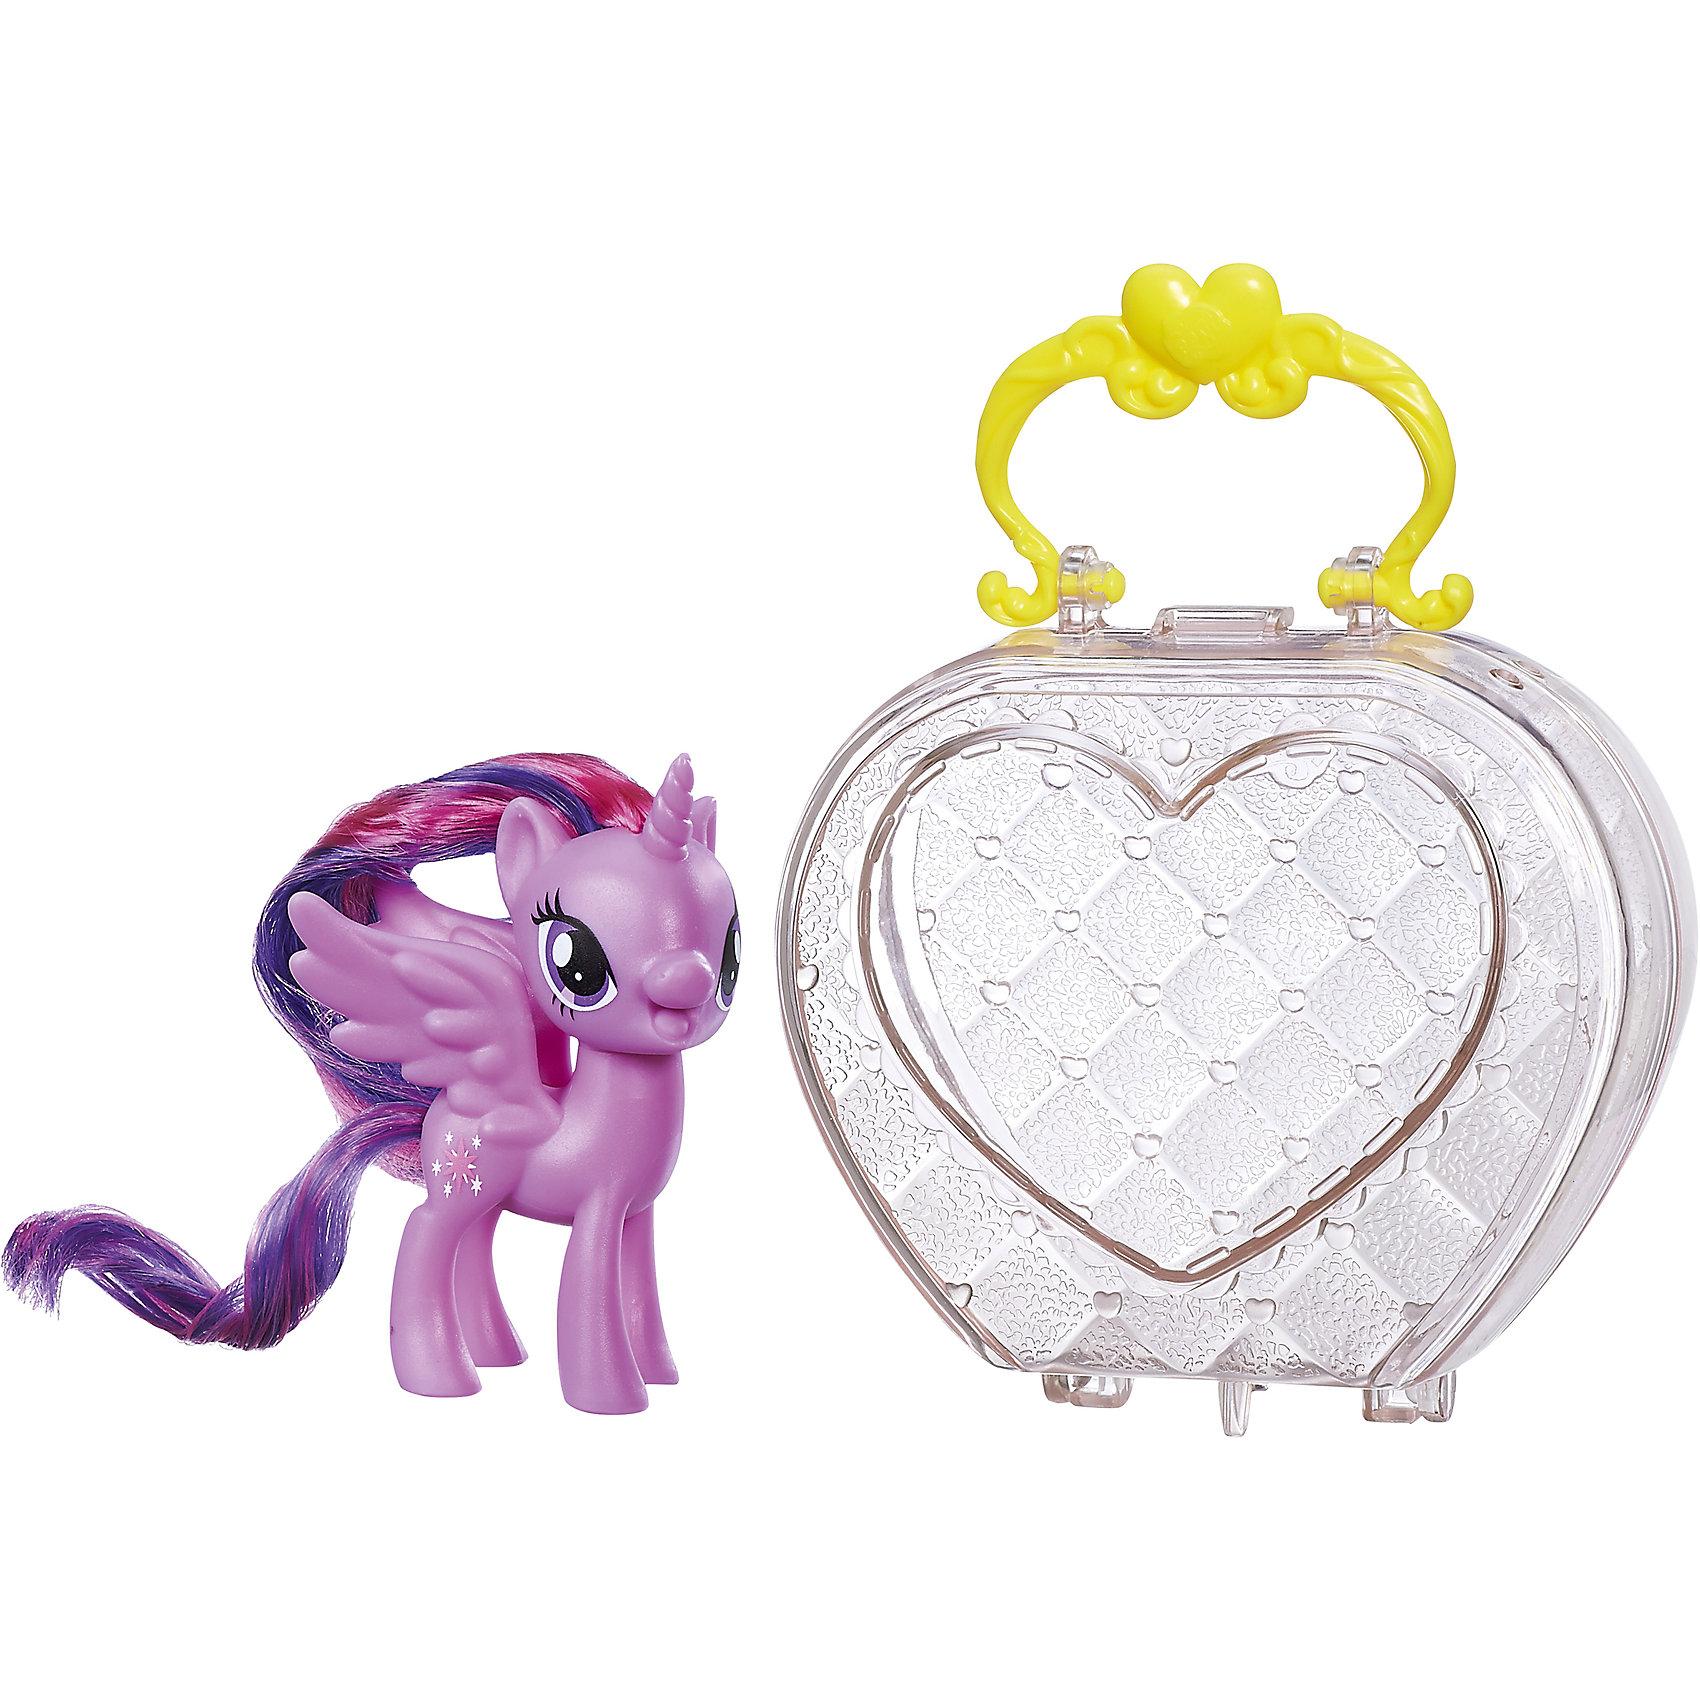 Пони в сумочке, My little Pony, Твайлайт Спаркл B8952/B9828Характеристики:<br><br>• Вид игр: сюжетно-ролевые, коллекционирование<br>• Пол: для девочек<br>• Коллекция: My little Pony<br>• Материал: пластик, нейлон<br>• Высота фигурки: 7,5 см<br>• Комплектация: фигурка пони, прозрачная пластмассовая сумочка-кошелек<br>• Вес в упаковке: 150 г<br>• Размеры упаковки (Г*Ш*В): 15*4,5*16,2 см<br>• Упаковка: без упаковки на европодвесе<br><br>Пони в сумочке: Твайлайт Спаркл, My little Pony, B8952/B9828 – это новая коллекция бренда My little Pony от Хасбро. В коллекции представлены фигурки Эпплджек, Рарити и Искорки. Особенности этой коллекции заключаются в том, что в комплекте предусмотрена прозрачная сумочка-кошелек. В эту сумочку с легкостью помещаются фигурки. У сумочки предусмотрена ручка и ножки, которые ее делают устойчивой, благодаря чему ее можно использовать как футляр для хранения игрушки на полке. Сумочка выполнена в стильном дизайне: ажурные узоры и яркая ручка делают ее стильным аксессуаром для девочки. Фигурки выполнены из экологически безопасного и прочного пластика, который устойчив к физическим и механическим повреждениям, окрашены нетоксичными яркими красками, которые не изменяют свой цвет даже при длительной эксплуатации. Игры с такими фигурками будут способствовать развитию фантазии, воображения, научат девочку следить за своим внешним видом. Пони в сумочке: Твайлайт Спаркл, My little Pony, B8952/B9828 – это замечательный подарок для девочки к любому празднику!<br><br>Пони в сумочке: Твайлайт Спаркл, My little Pony, B8952/B9828 можно купить в нашем интернет-магазине.<br><br>Ширина мм: 64<br>Глубина мм: 146<br>Высота мм: 273<br>Вес г: 203<br>Возраст от месяцев: 36<br>Возраст до месяцев: 120<br>Пол: Женский<br>Возраст: Детский<br>SKU: 5363514